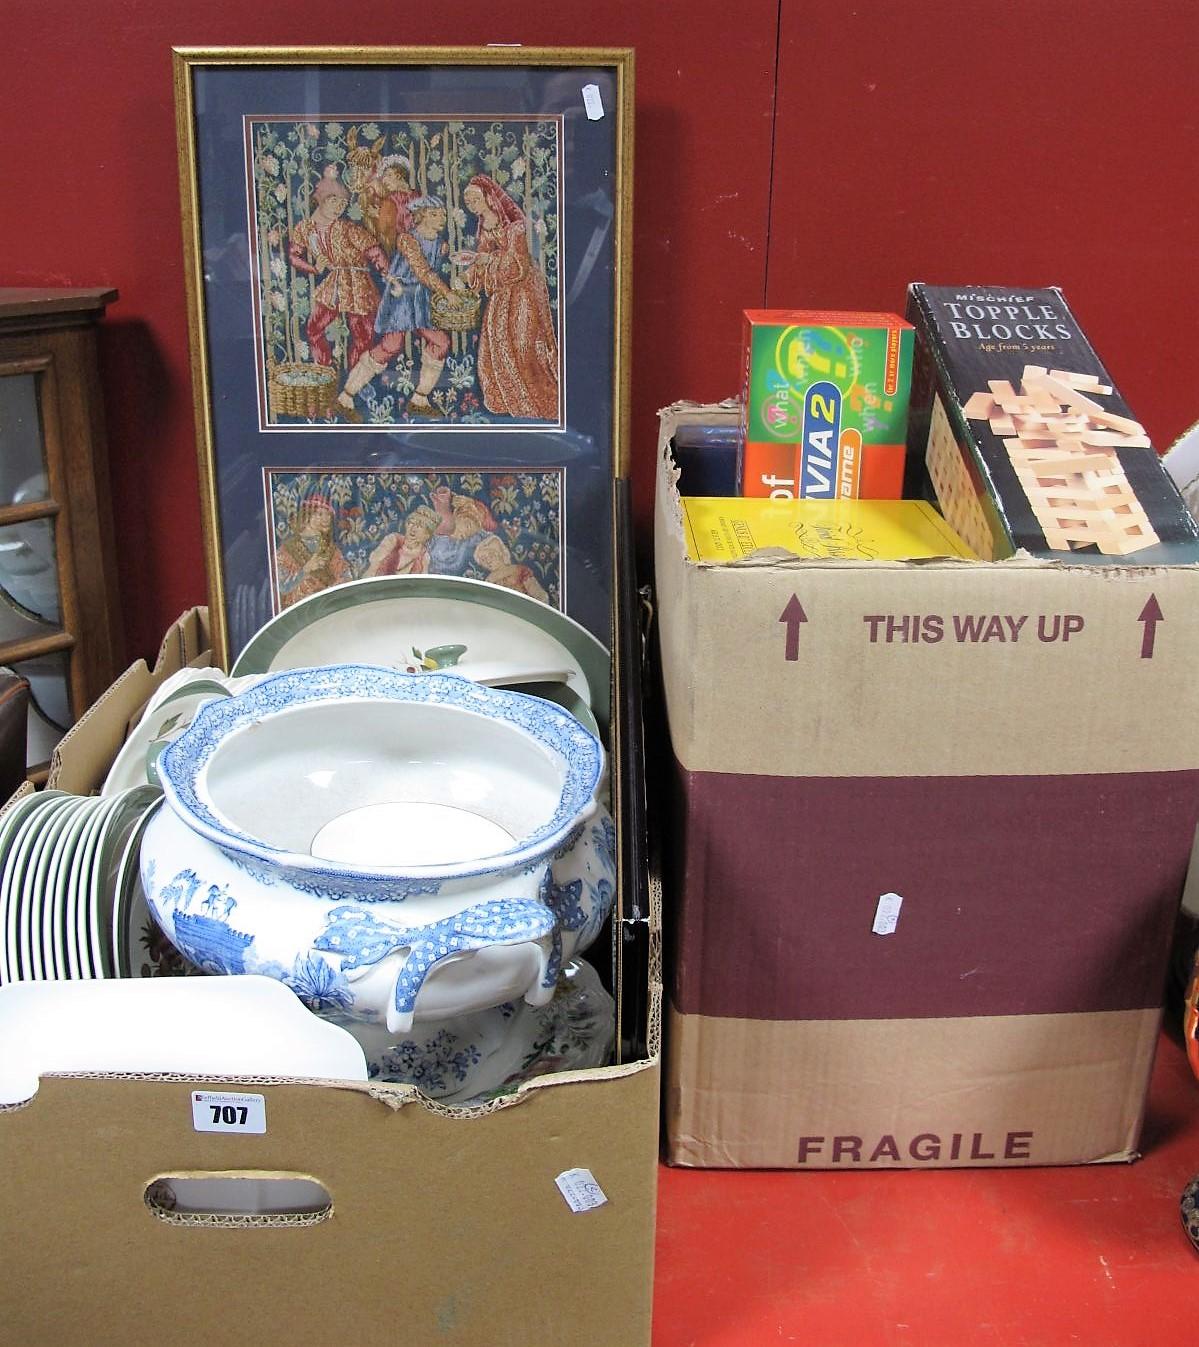 Lot 707 - Doulton 'Stratford' Wedgewood 'Covent Garden' Dinnerware, tureen, games, sampler, needlework,